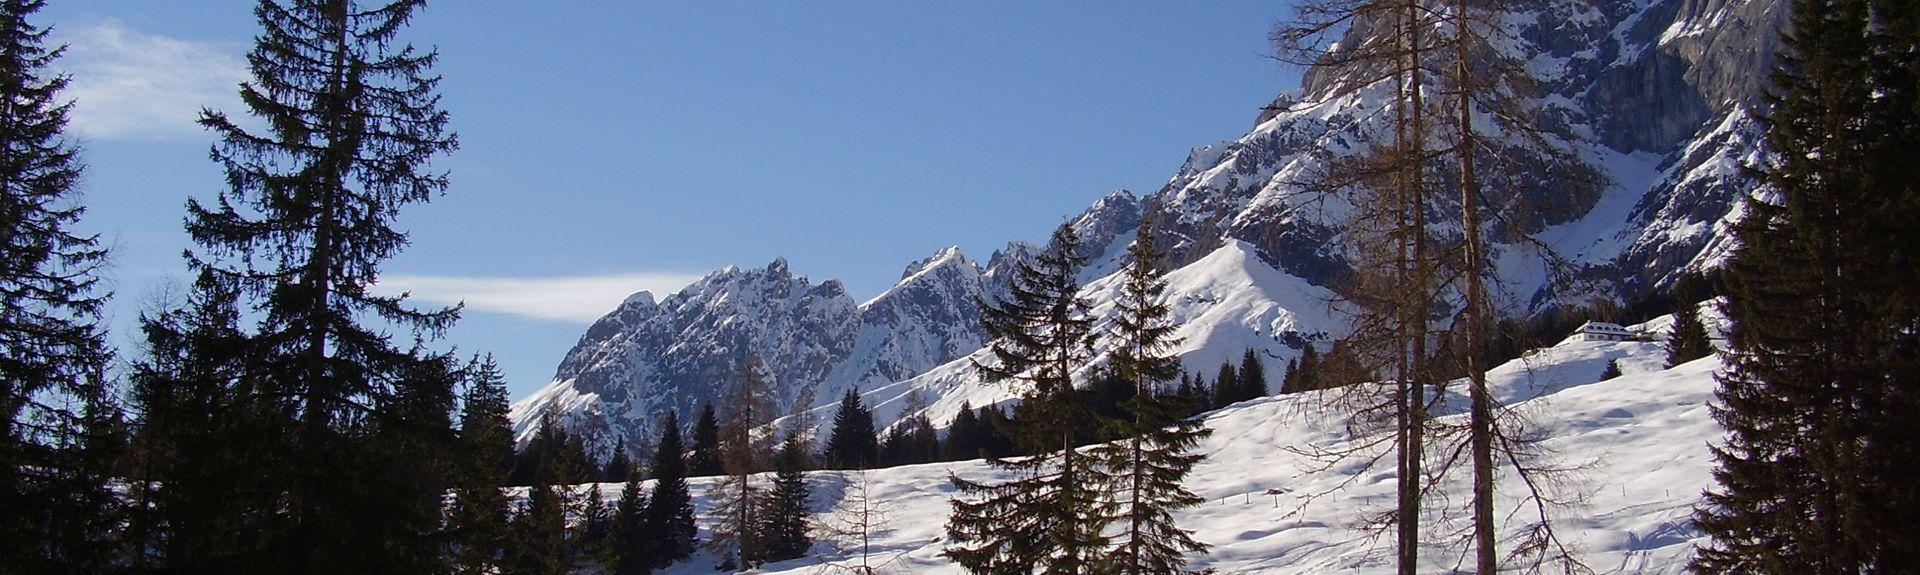 Tennen Mountains, Pfarrwerfen, Salzburg, Österreich